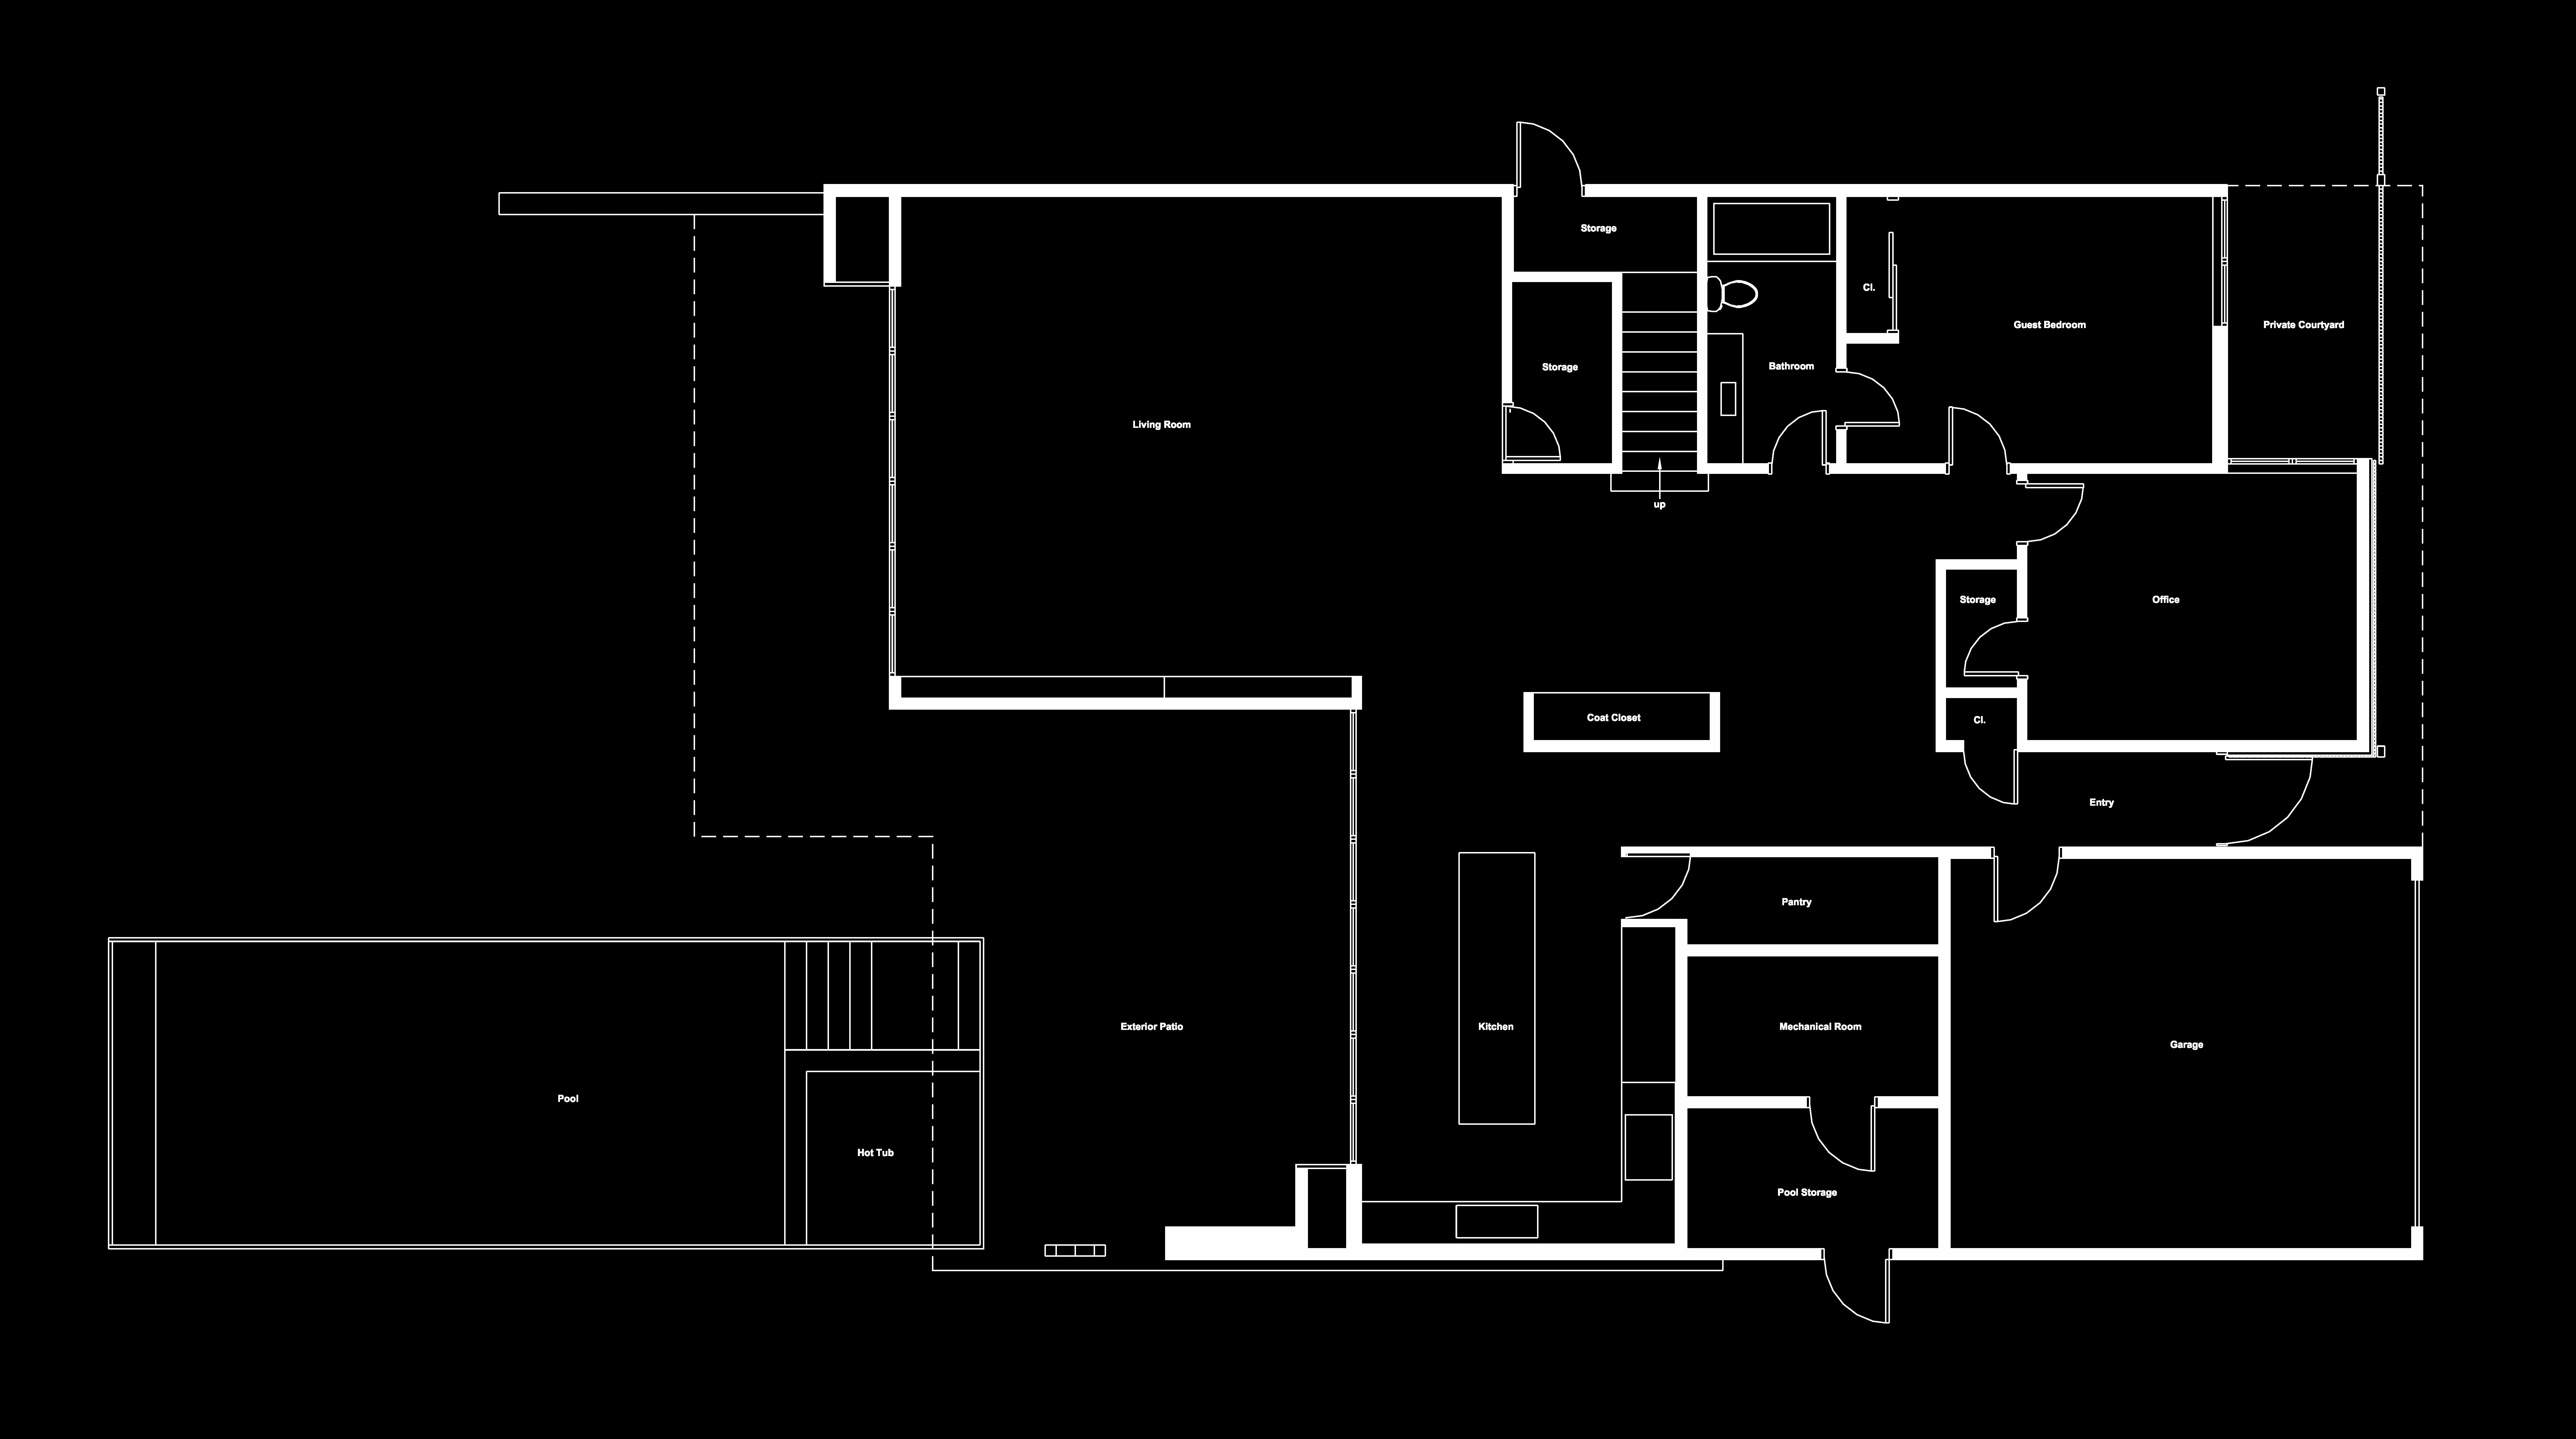 Crest Residence floor plans